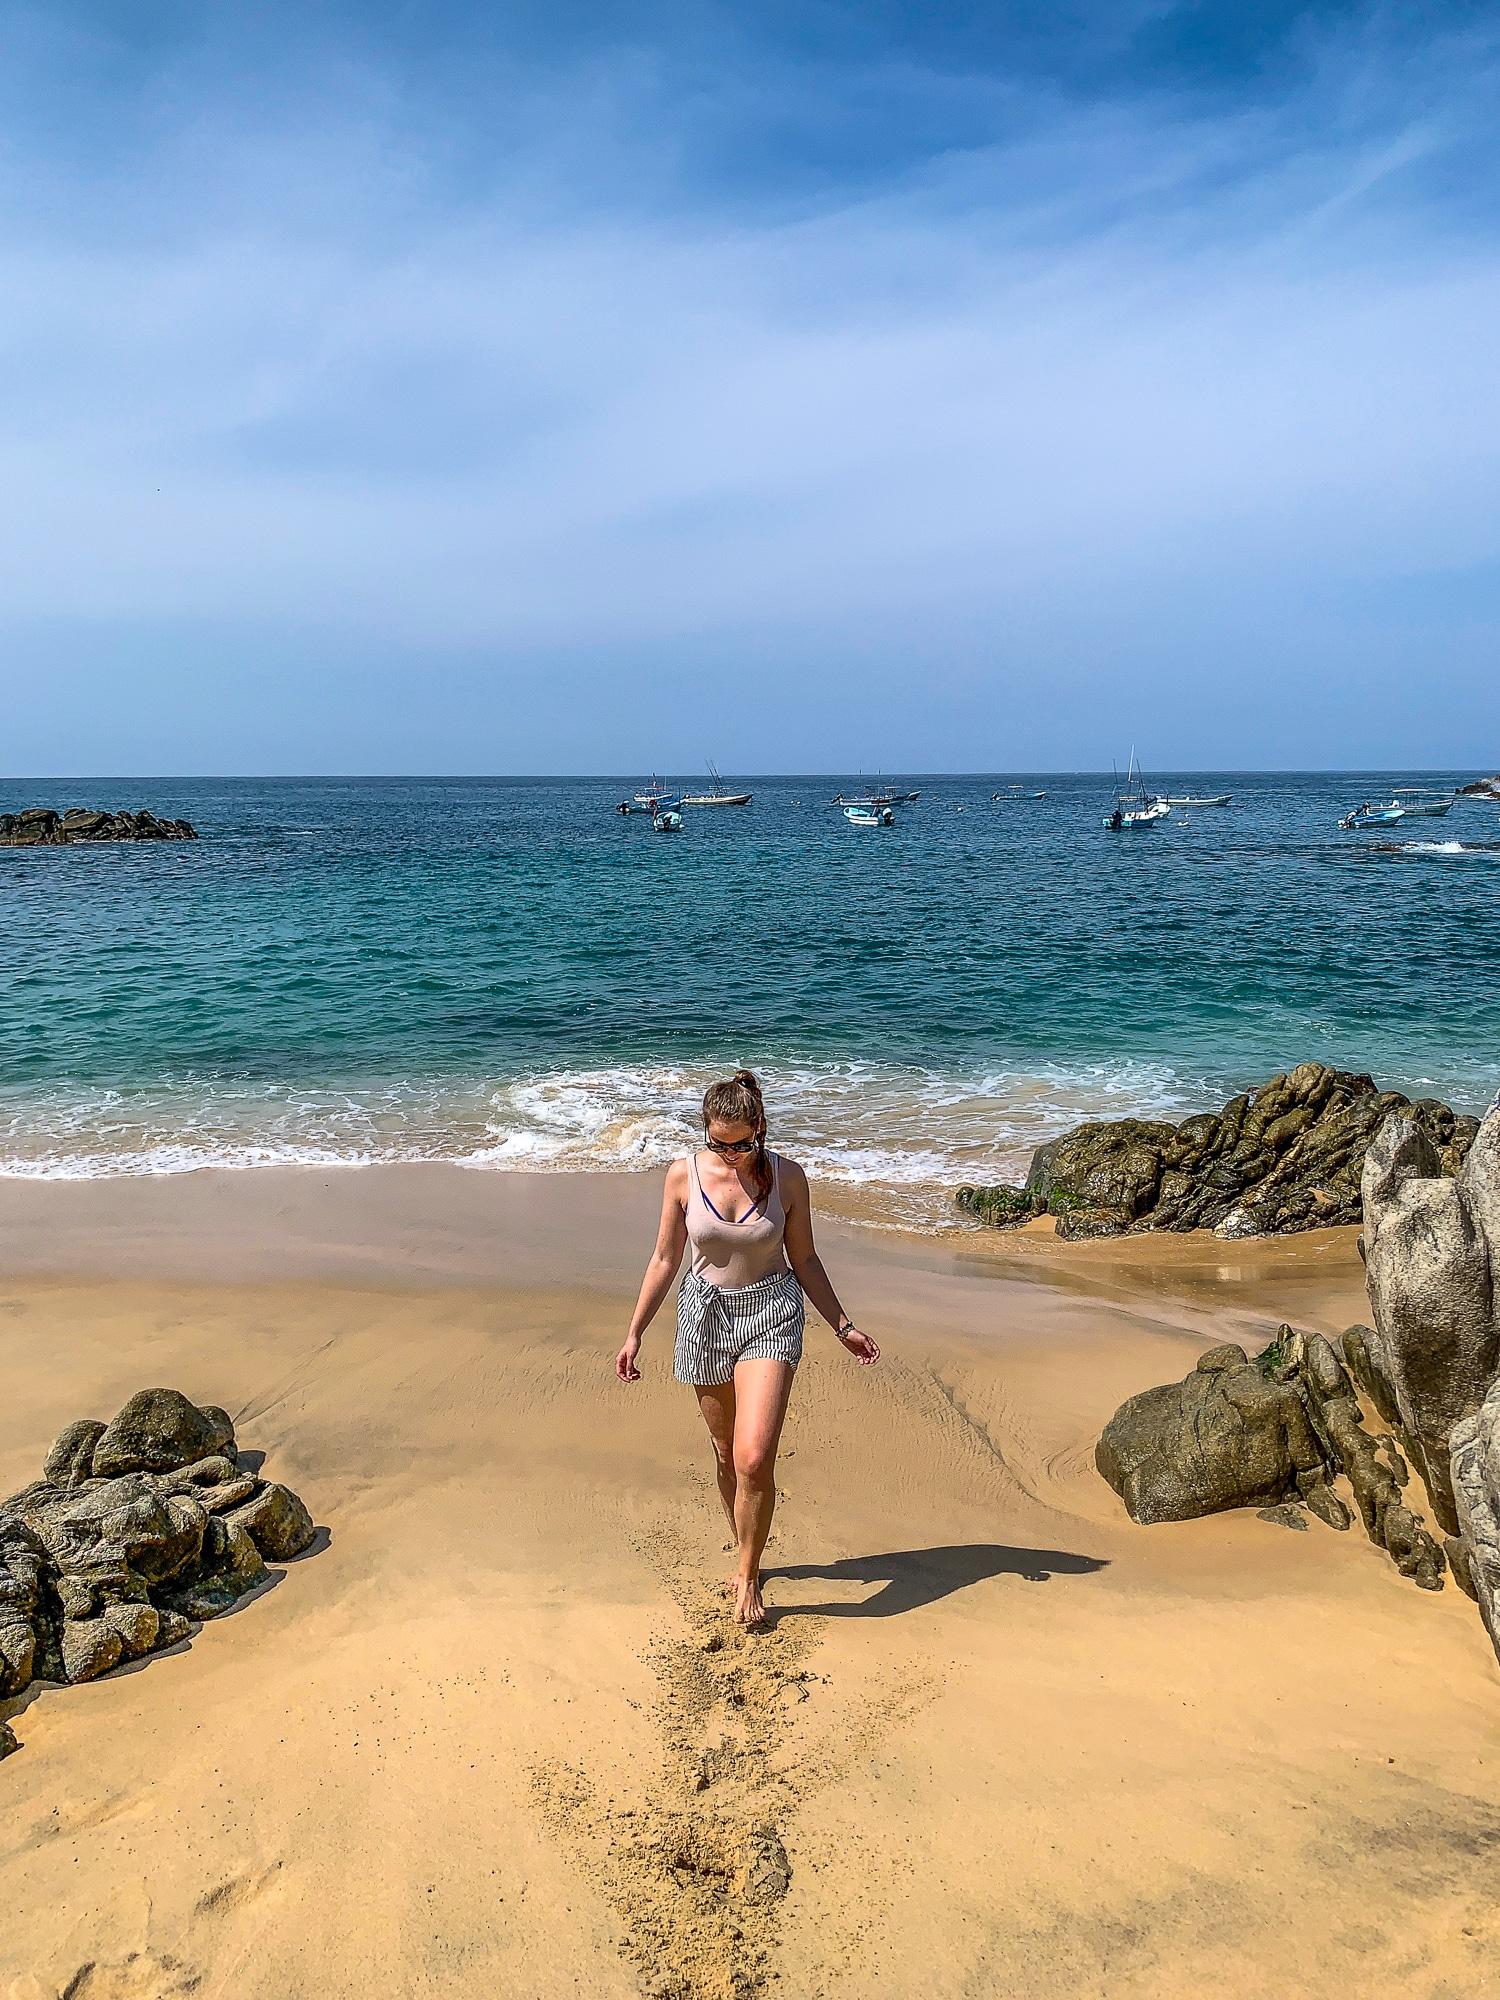 Puerto Escondido: Highlights, Erlebnisse und Ausflugsziele in Mexiko - Playa Manzanilla